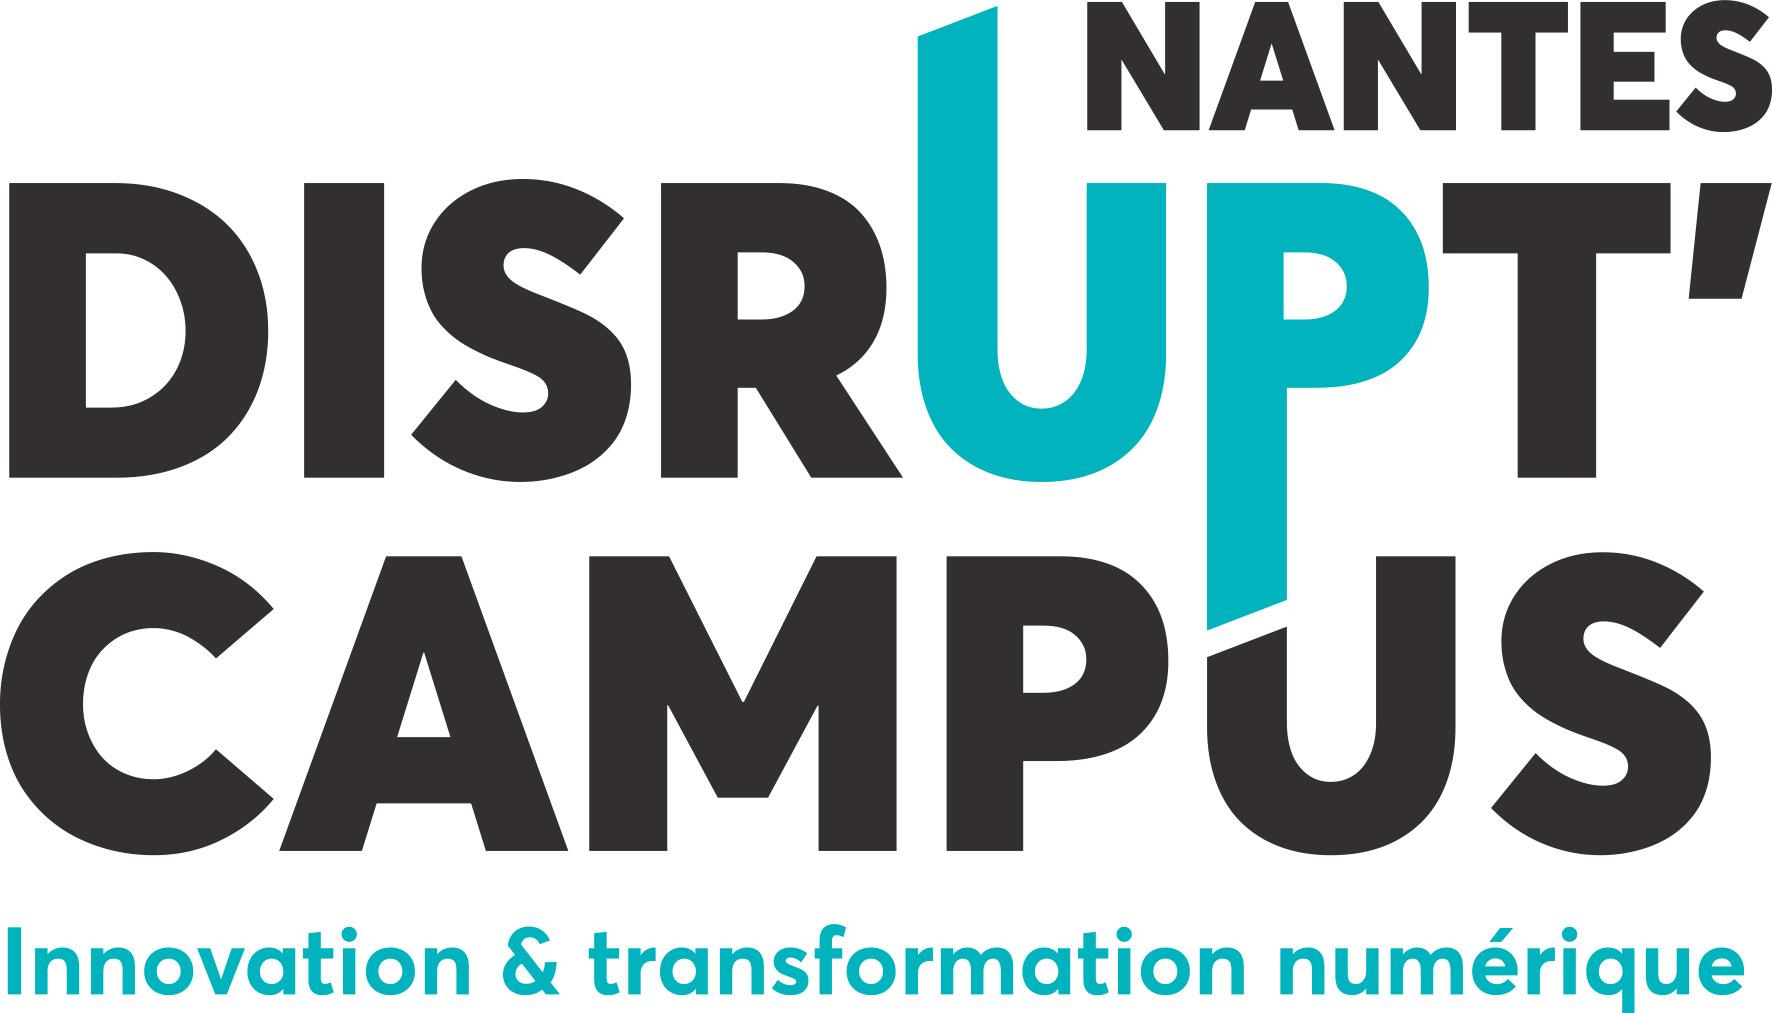 Disrupt' Campus Nantes - innovation et transformation numérique